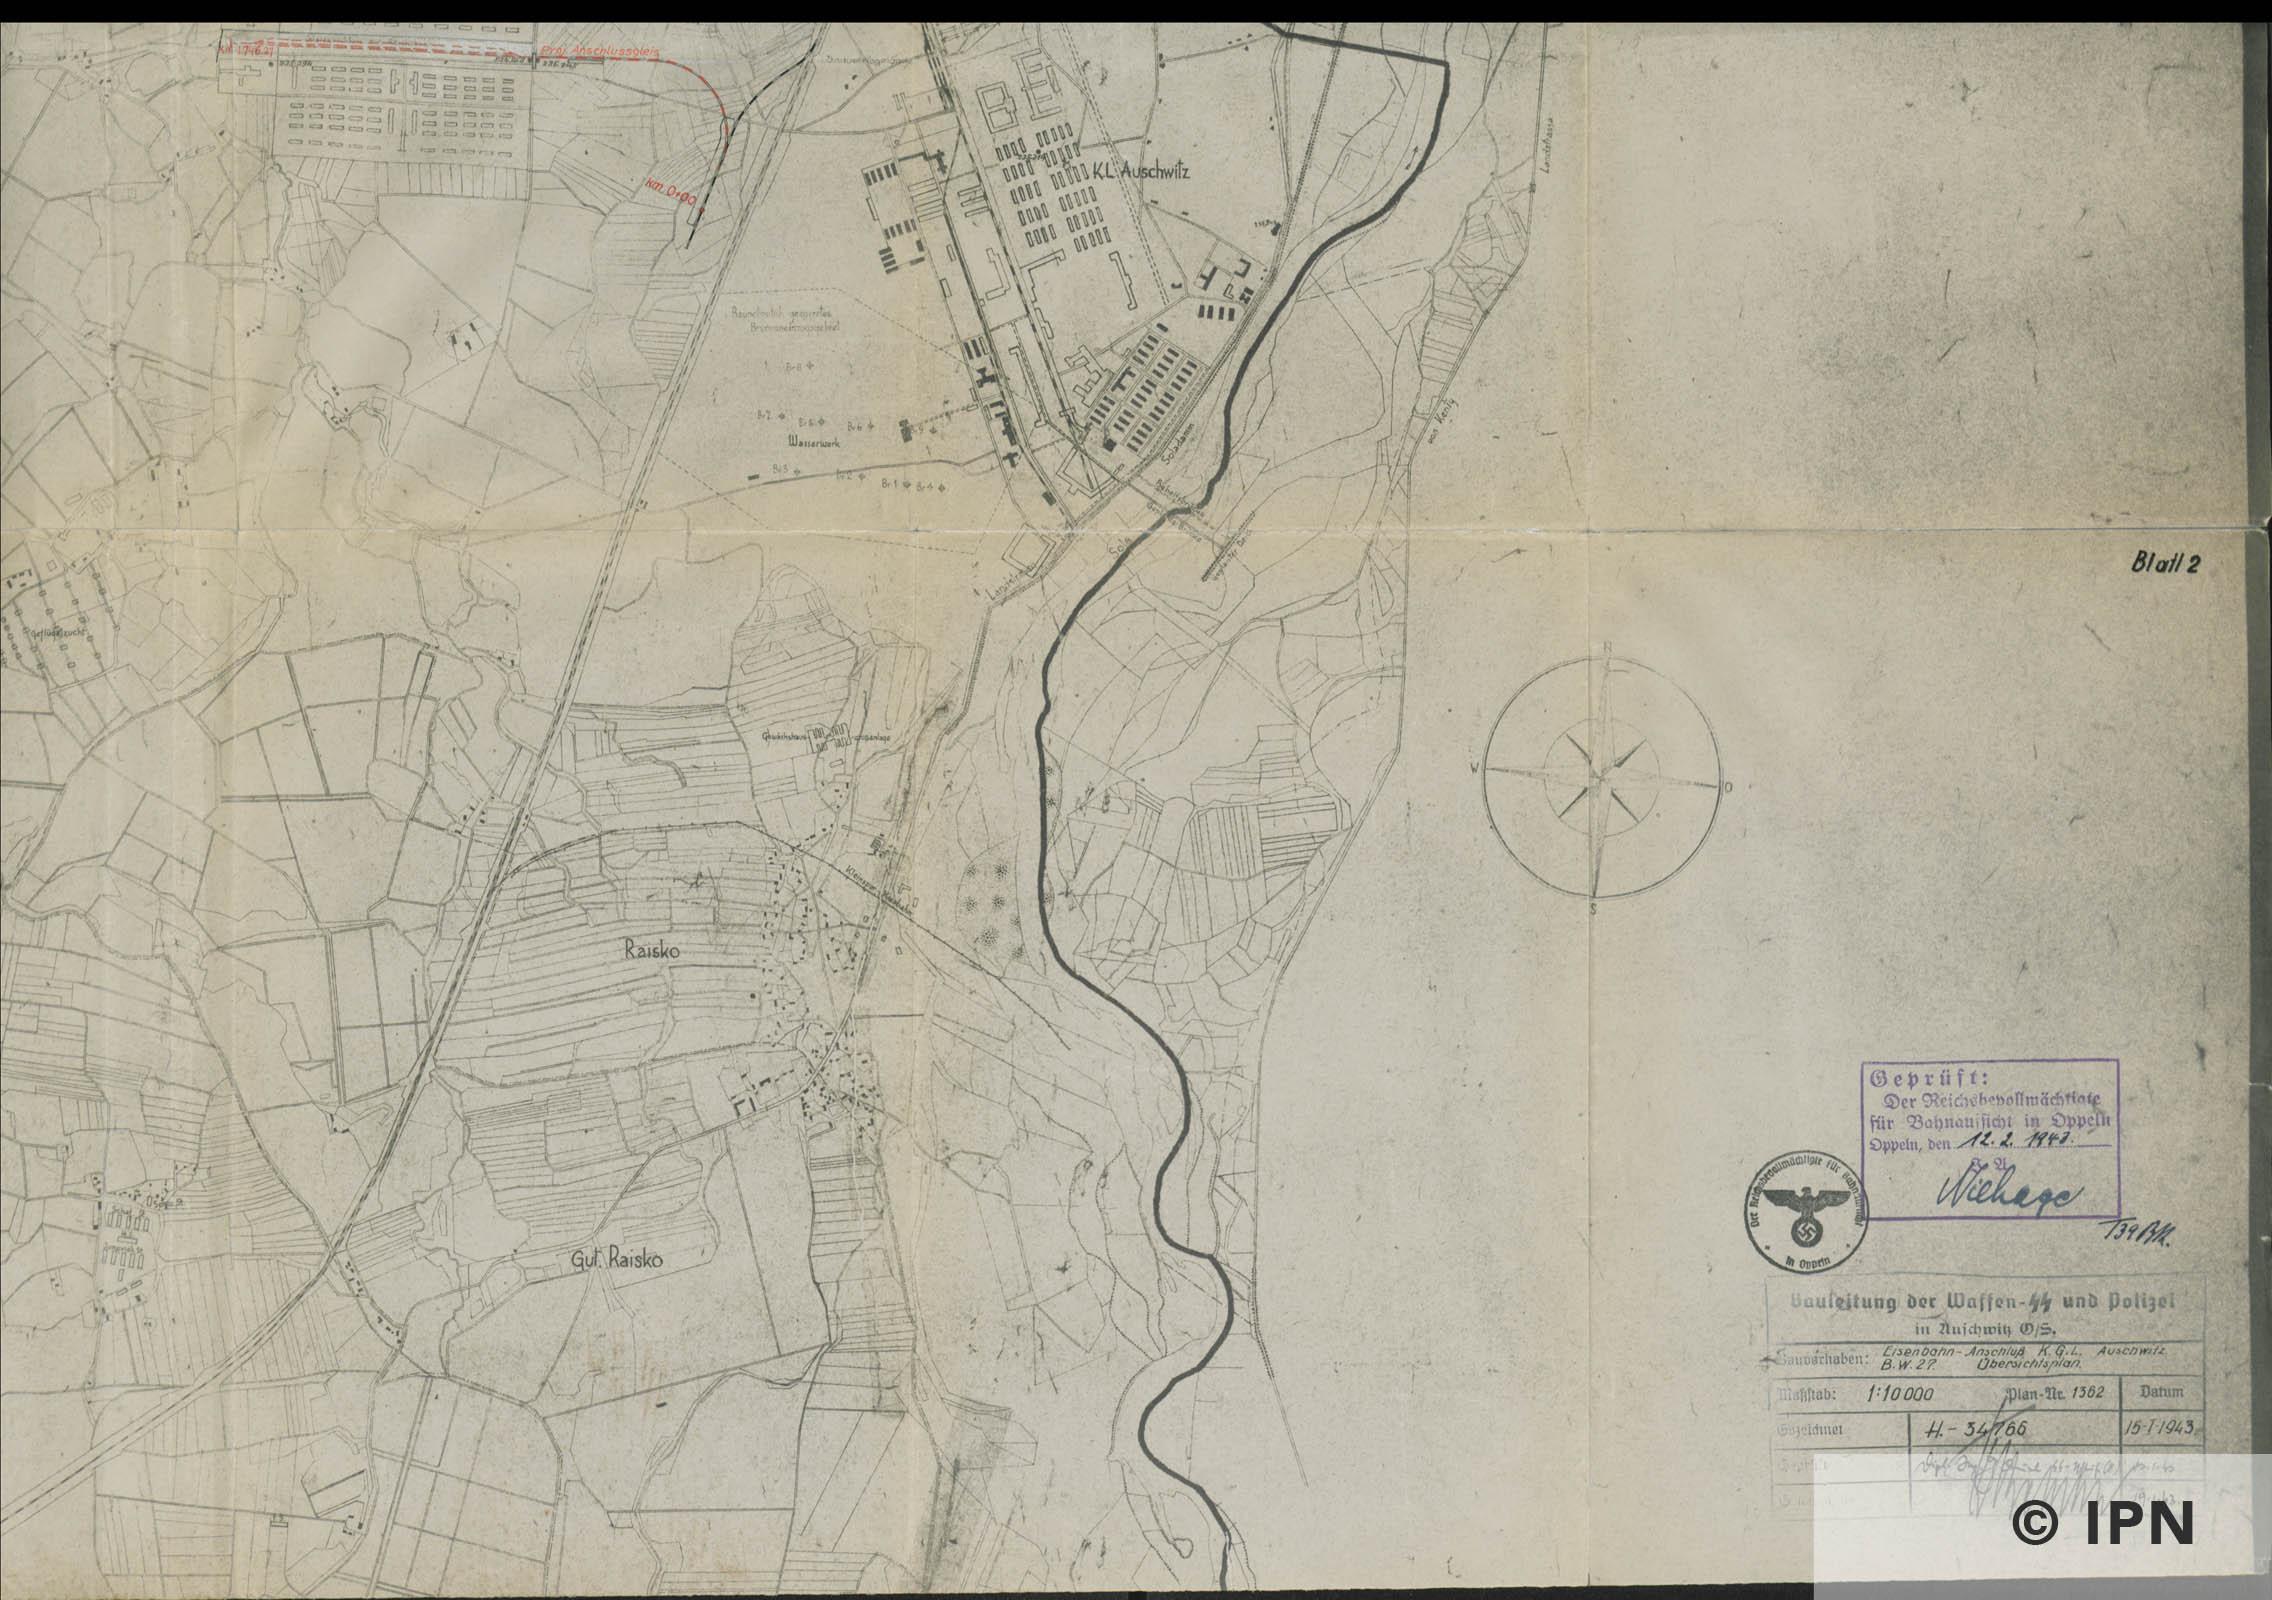 Plan vom Interessengebiet des KL Auschwitz. 15 January 1943. IPN GK 196 101 0032